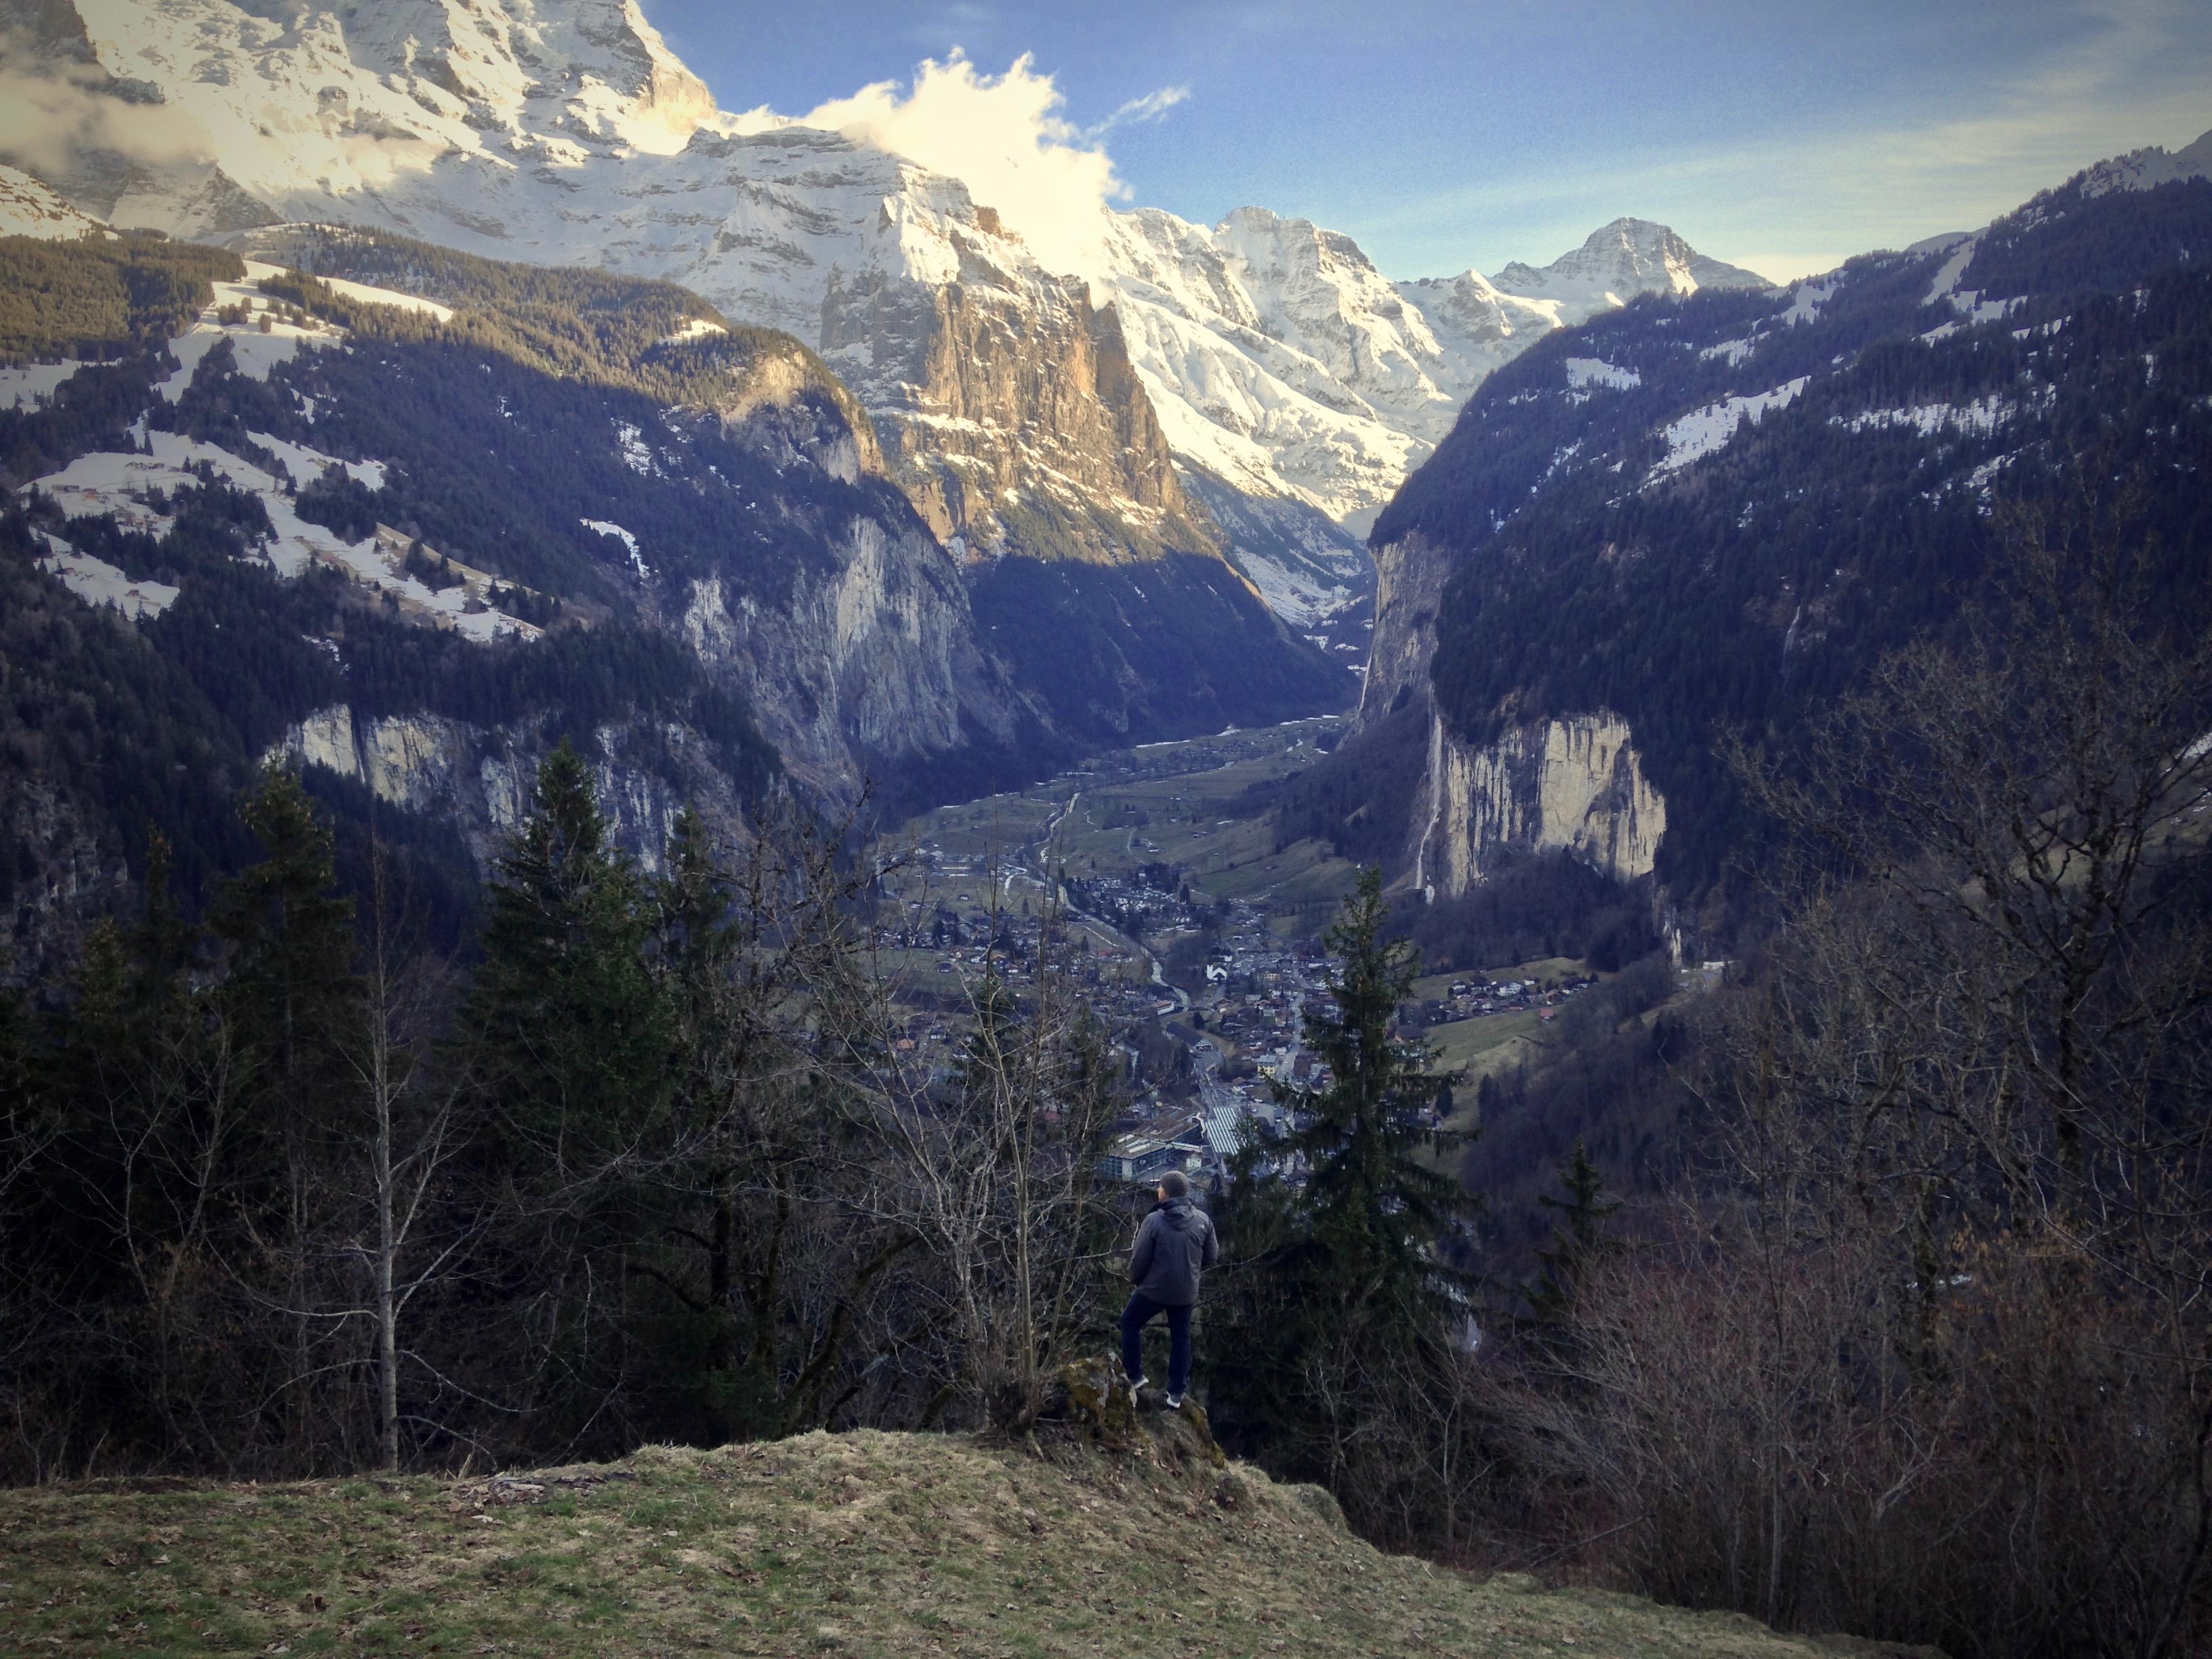 Wengwald, Switzerland